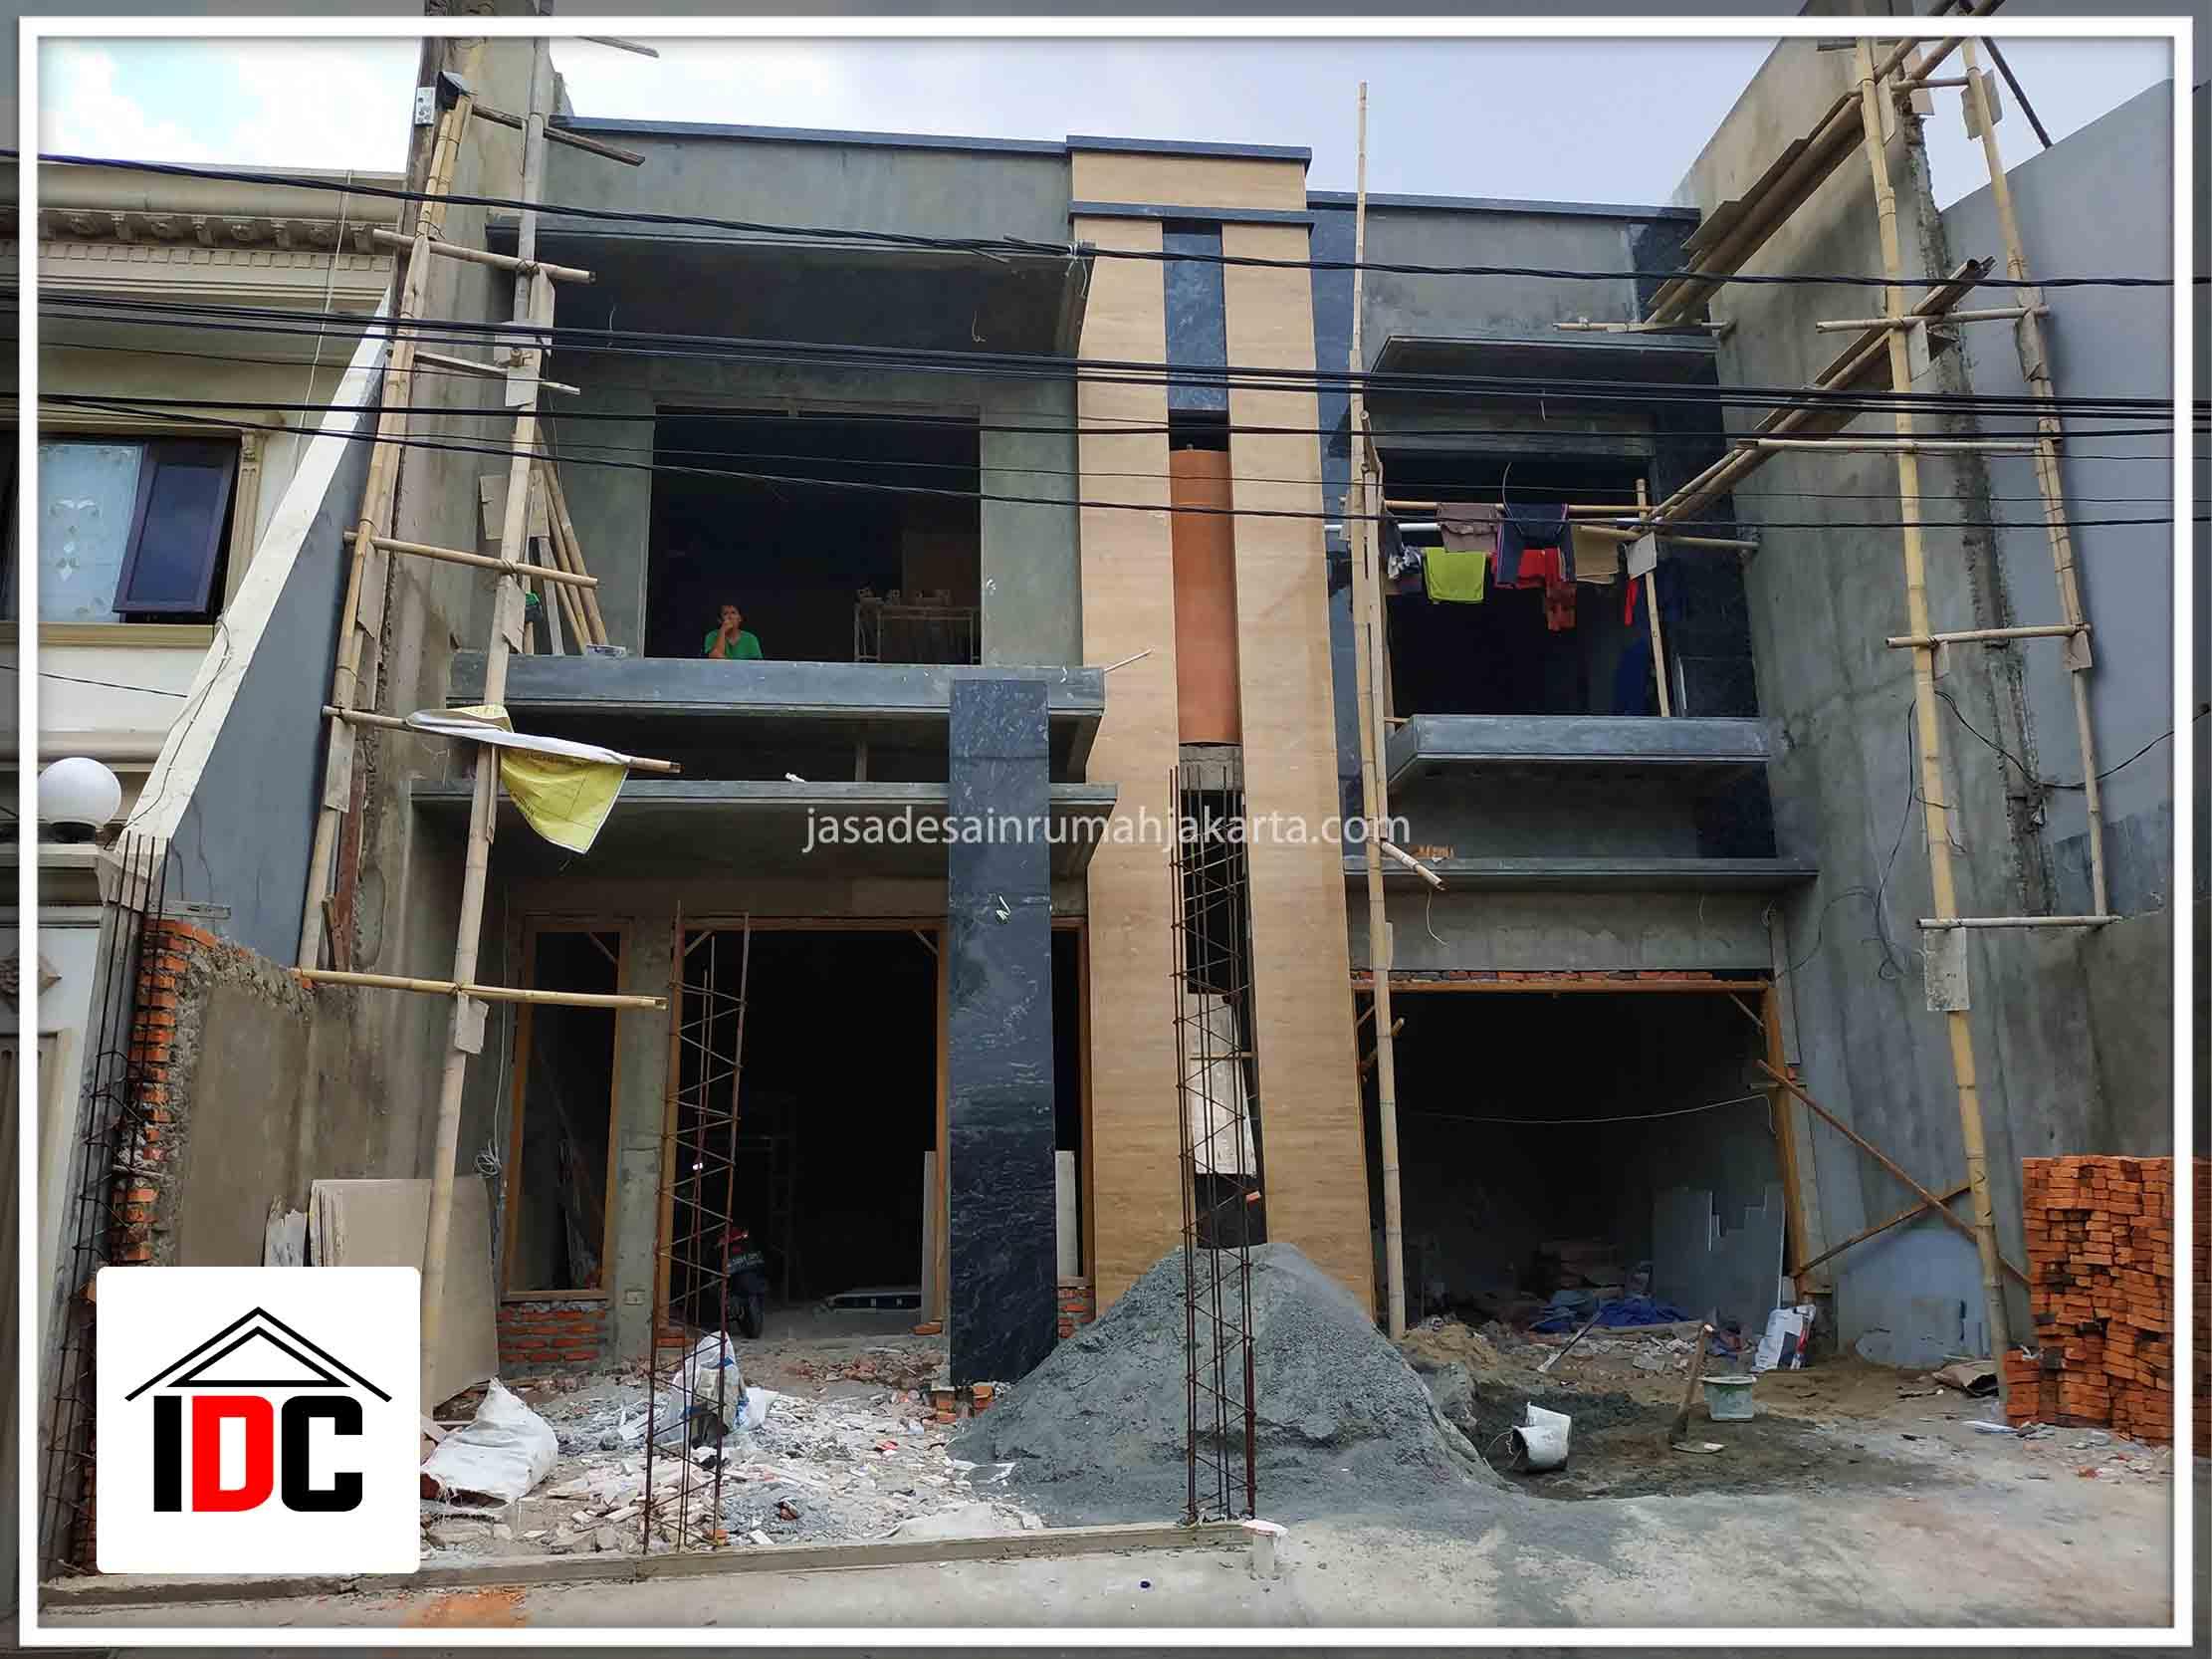 Realisasi Desain Rumah Minimalis Pak Marbun Di Jakarta Barat Kunjungan Des 2018